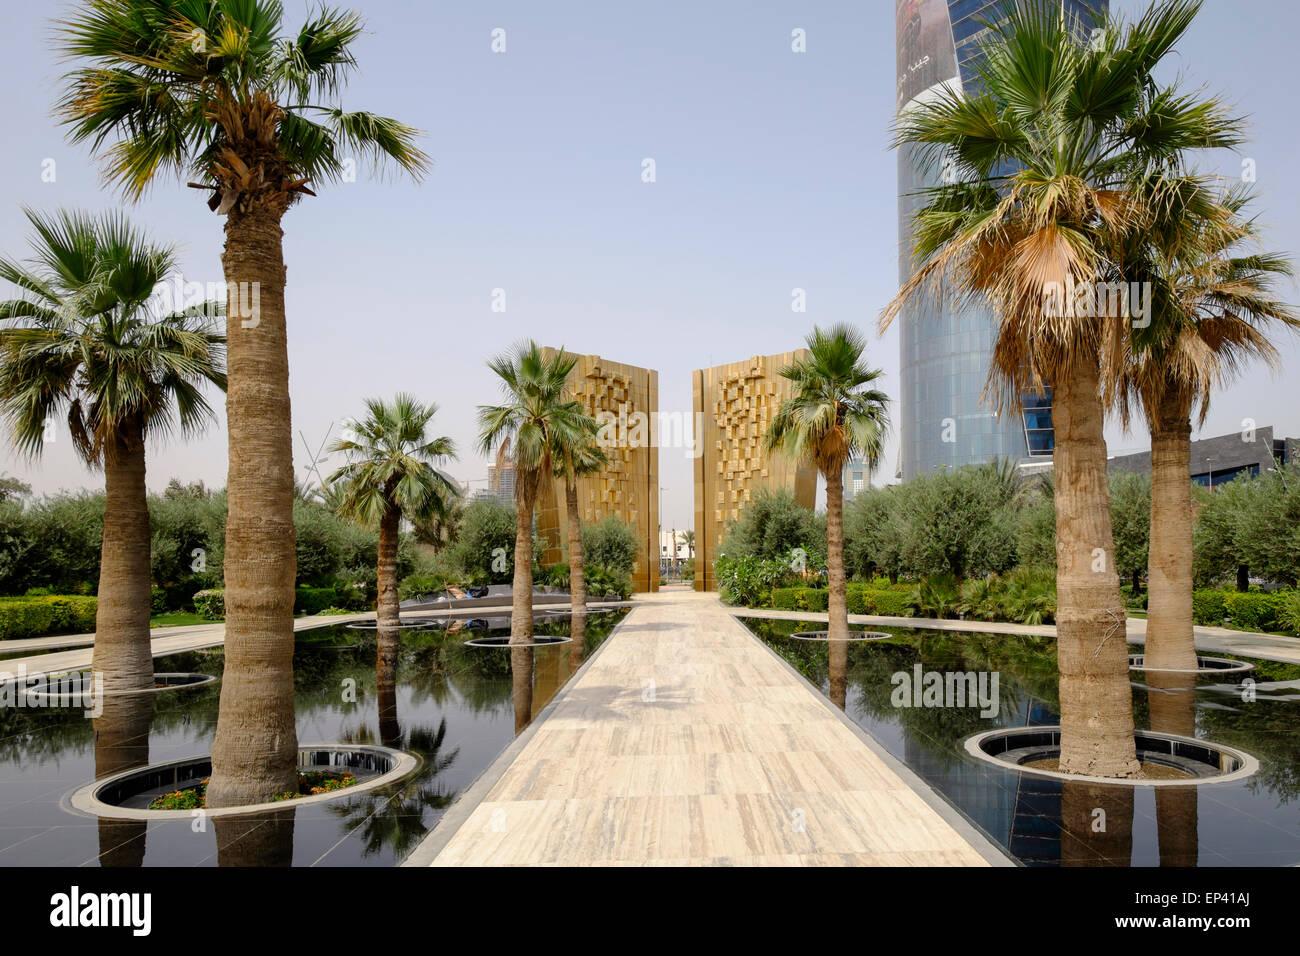 Vista della Costituzione un monumento all'interno di nuovo al parco Shaheed in Kuwait City Kuwait. Foto Stock